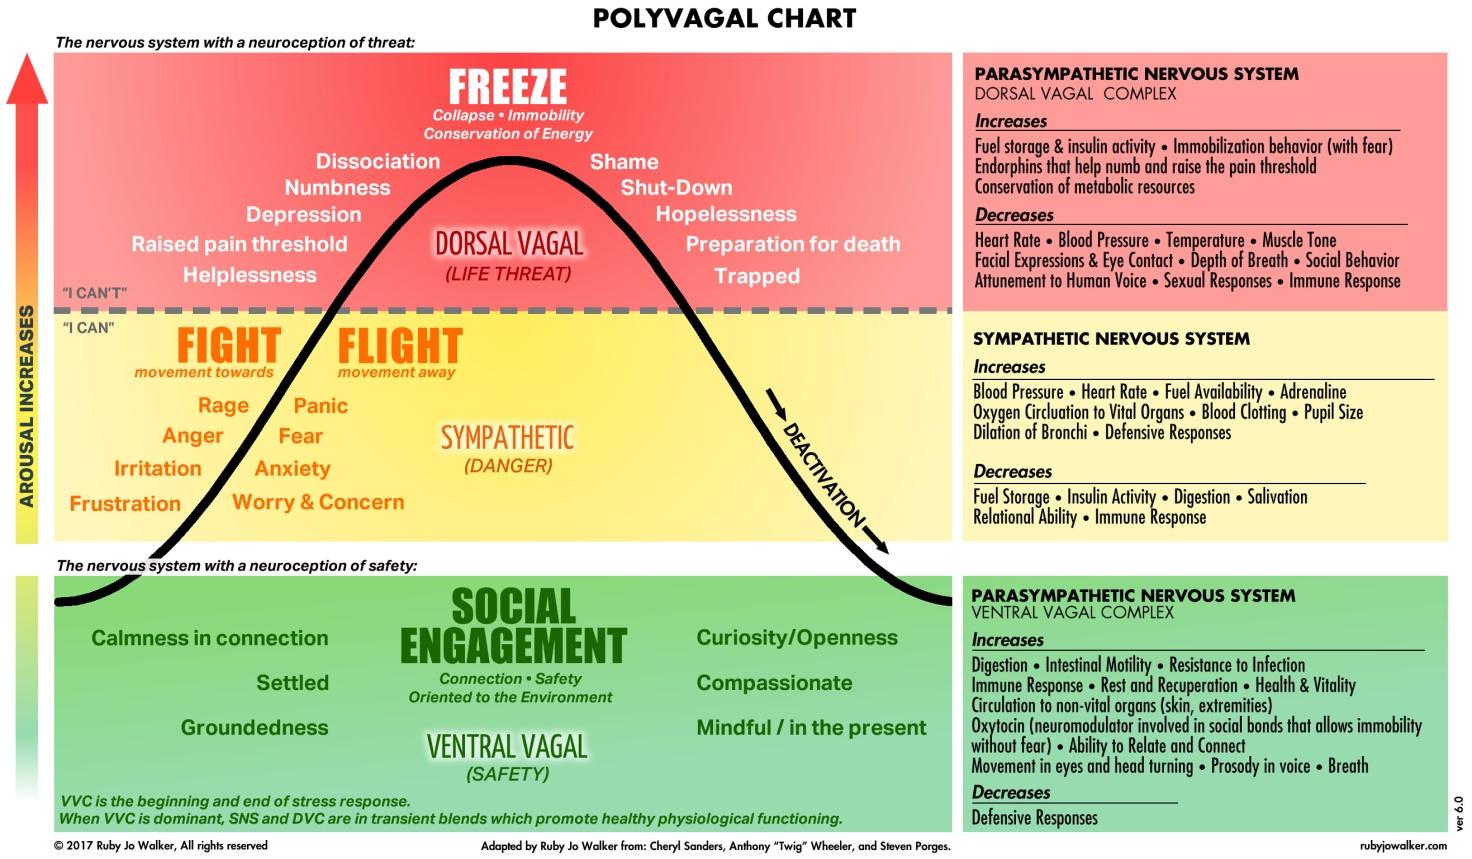 Polyvagal Chart